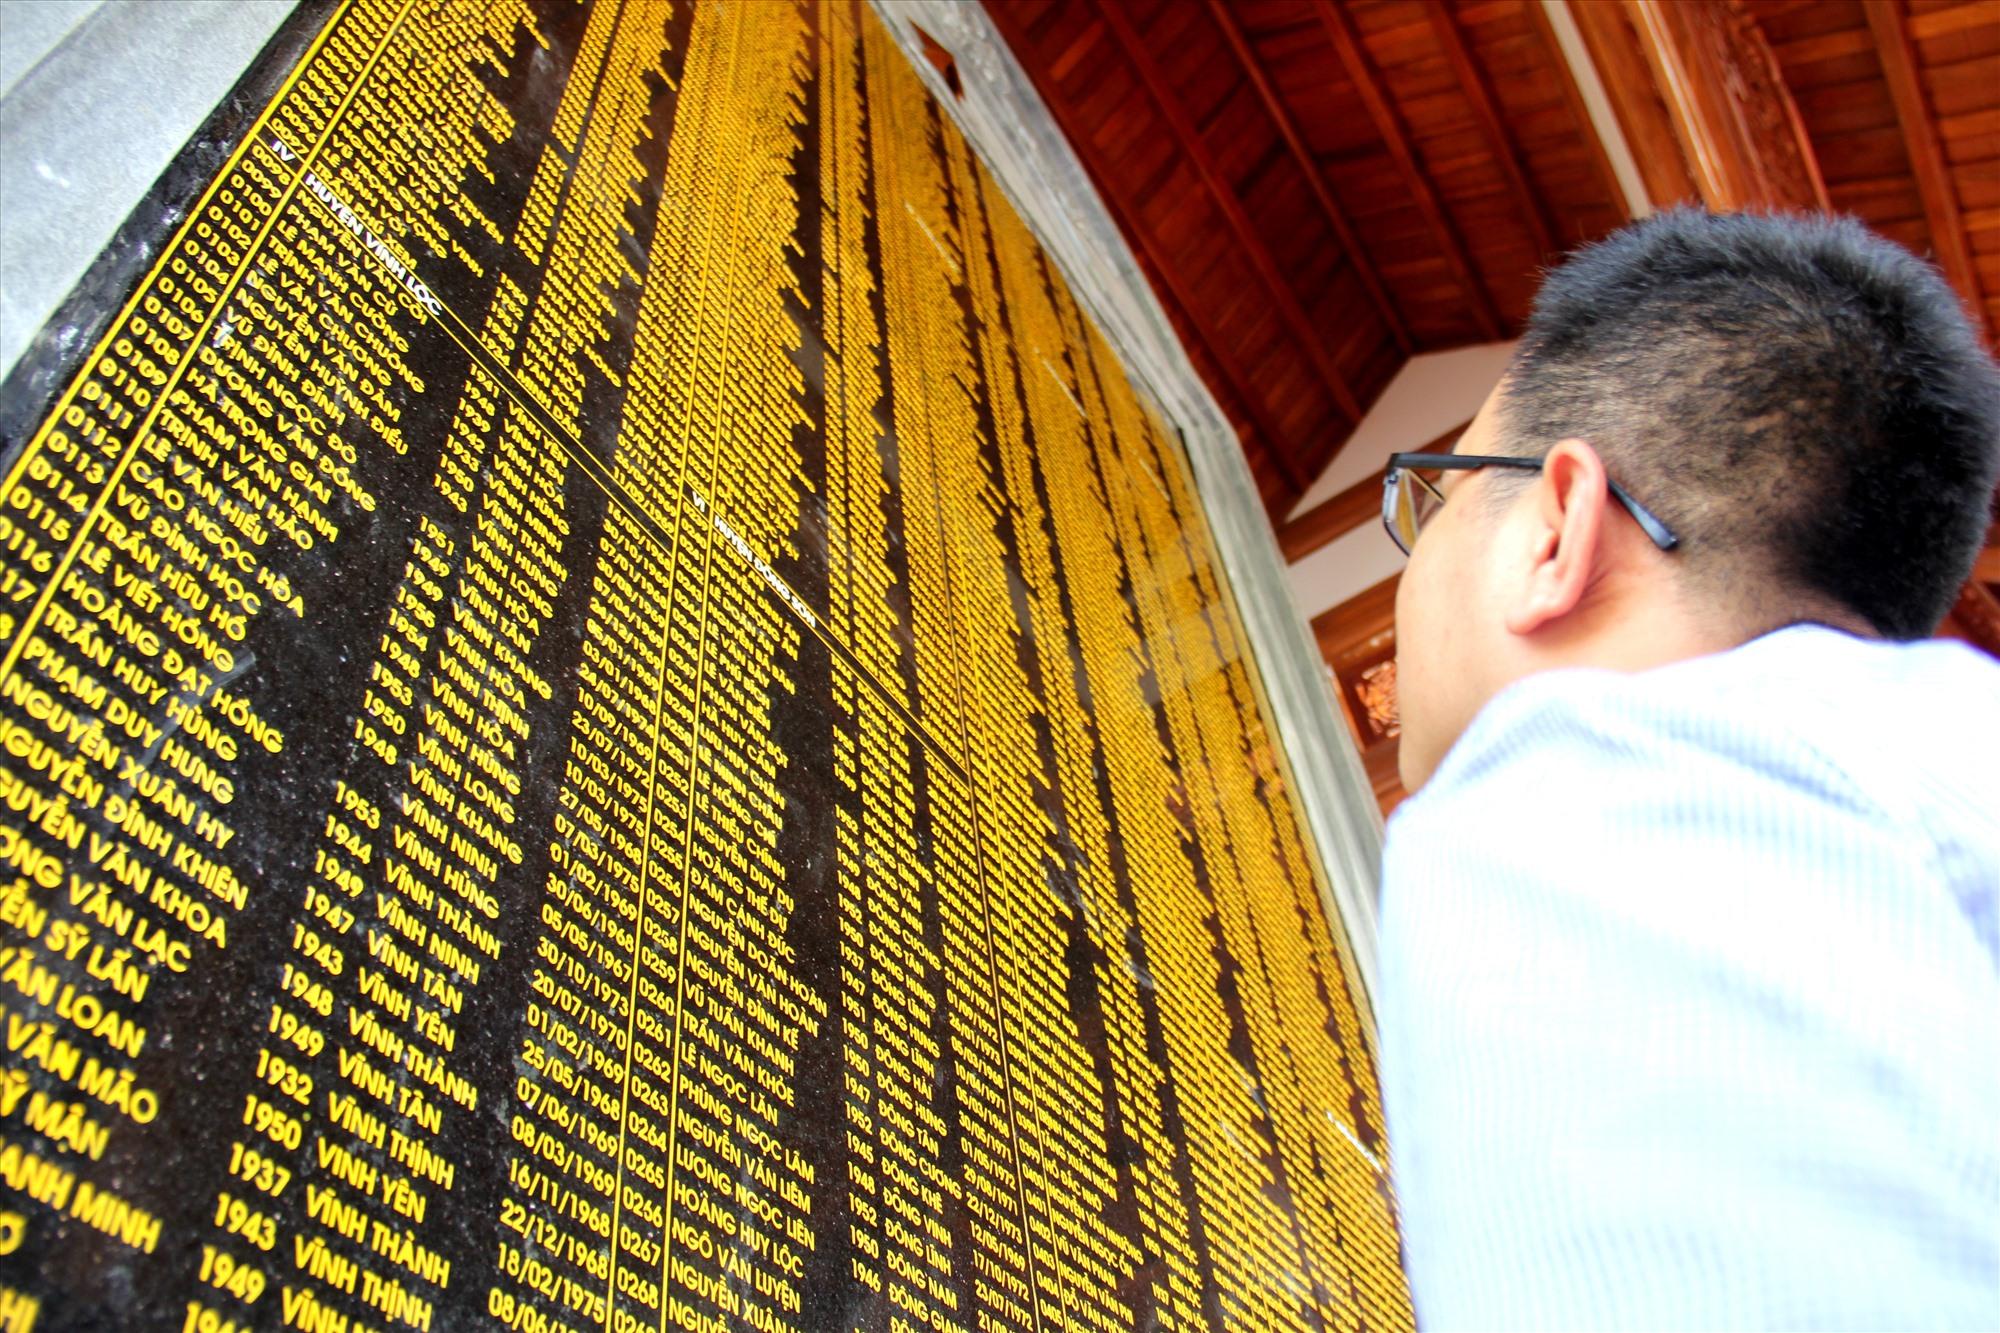 Bên trong, hai tấm bia ghi danh hơn 1.300 liệt sĩ có quê ở Thanh Hóa hy sinh trong kháng chiến tại Quảng Nam được dựng, với đầy đủ thông tin cơ bản về liệt sĩ. Ảnh: A.N